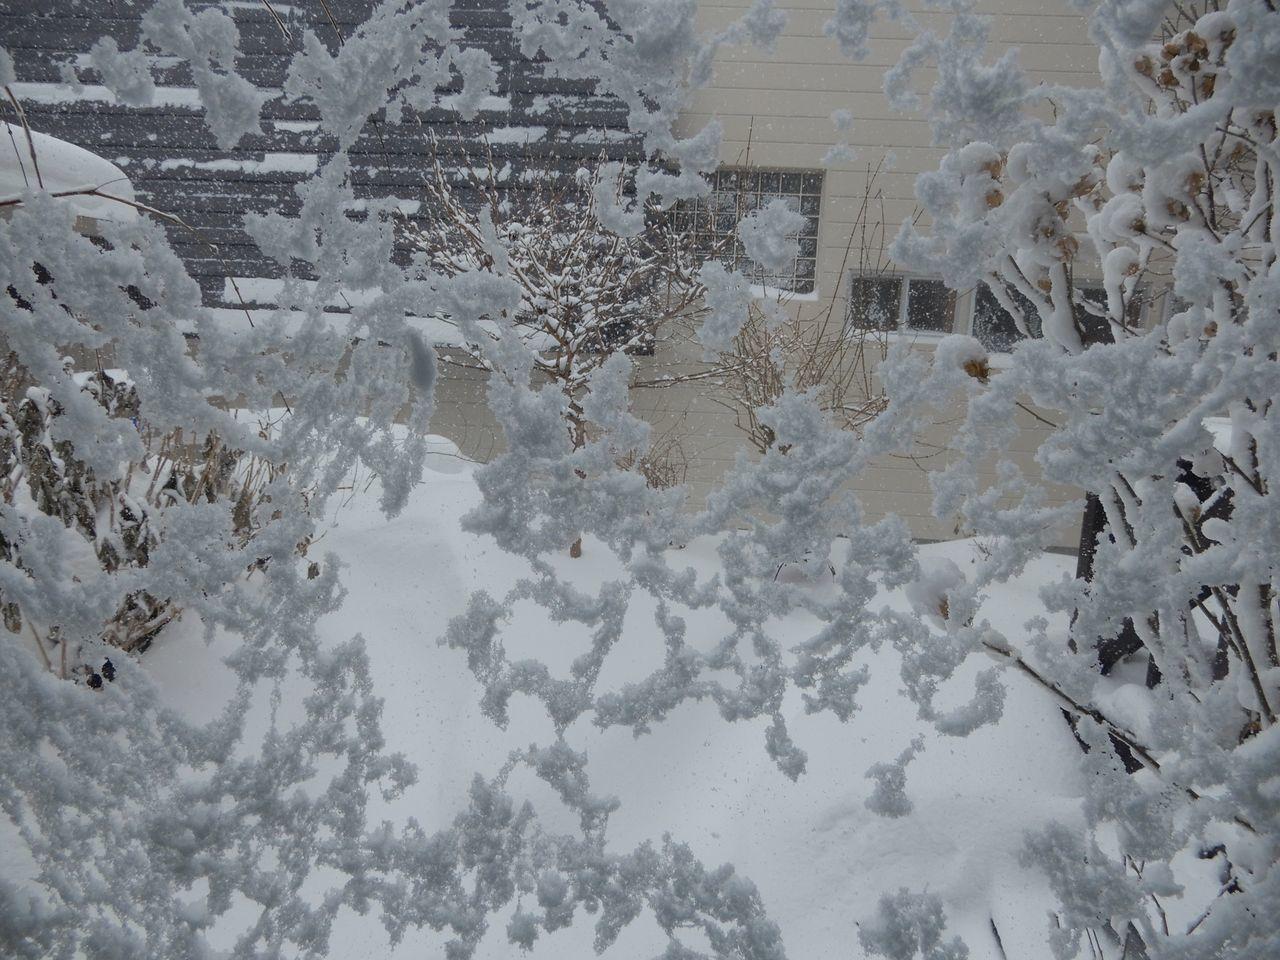 久しぶりの本格的降雪_c0025115_21193755.jpg